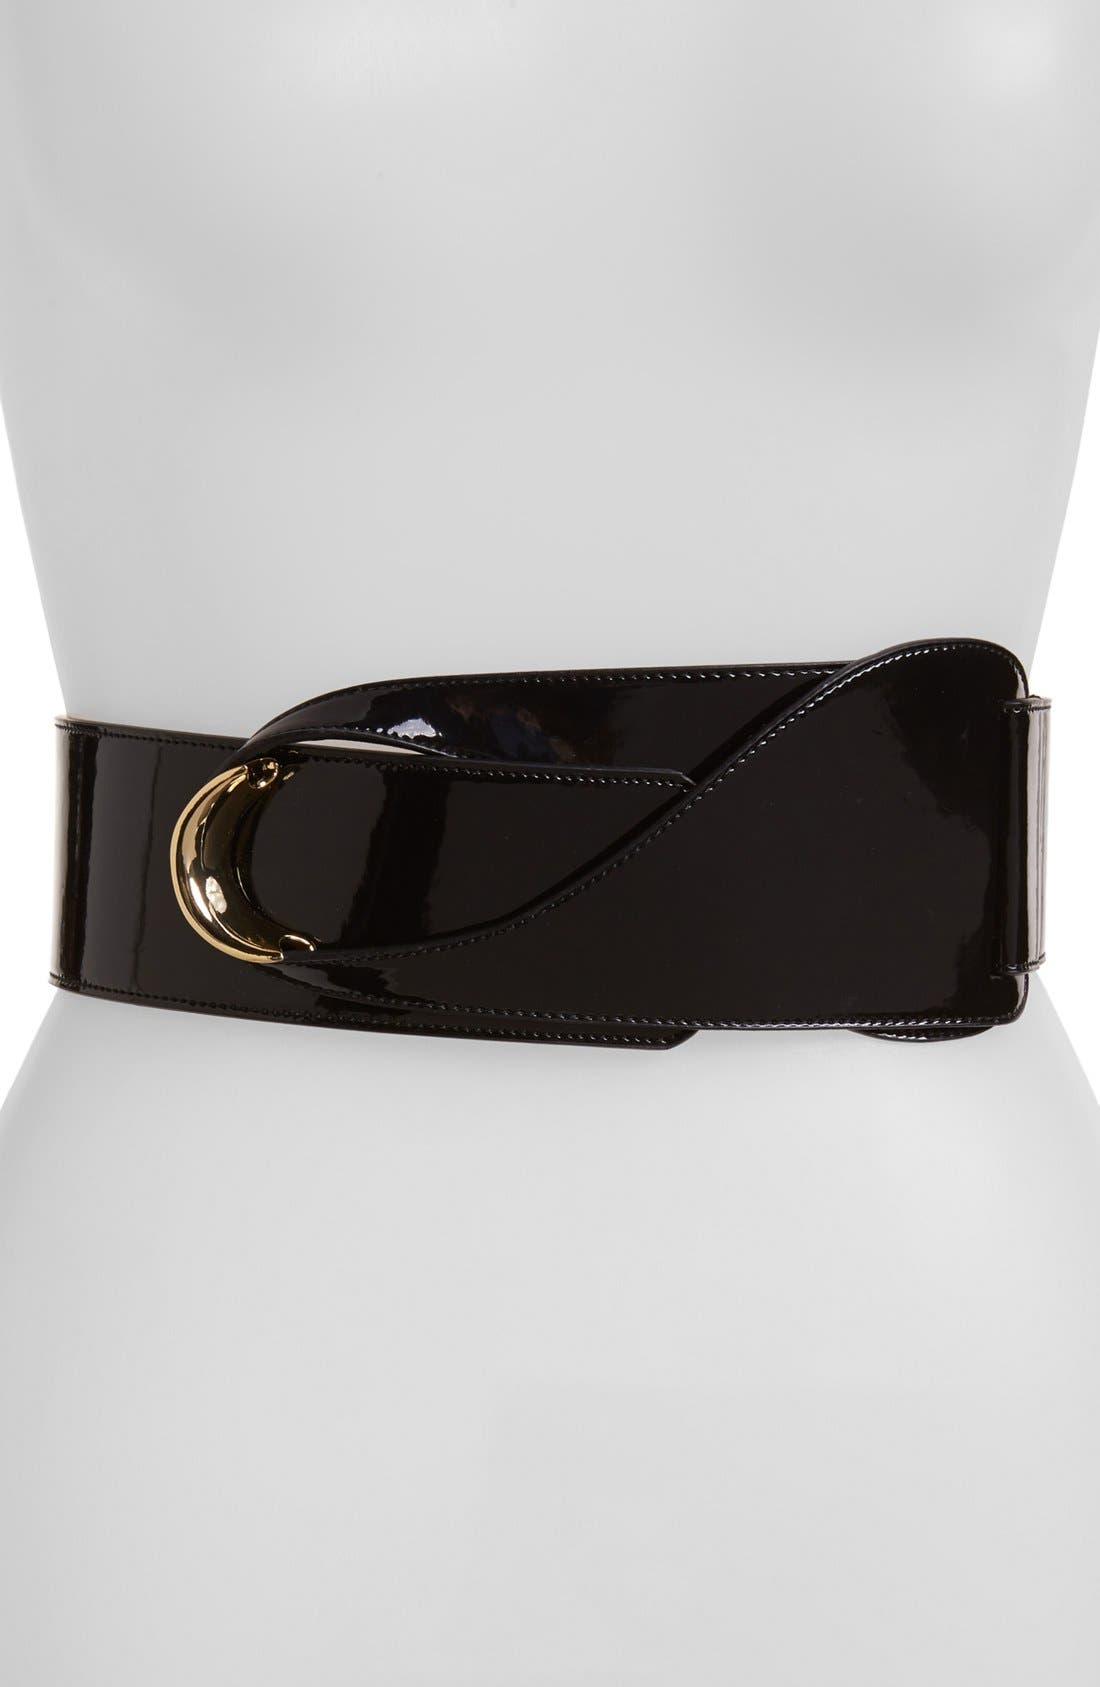 Alternate Image 1 Selected - Lauren Ralph Lauren Patent Leather Belt